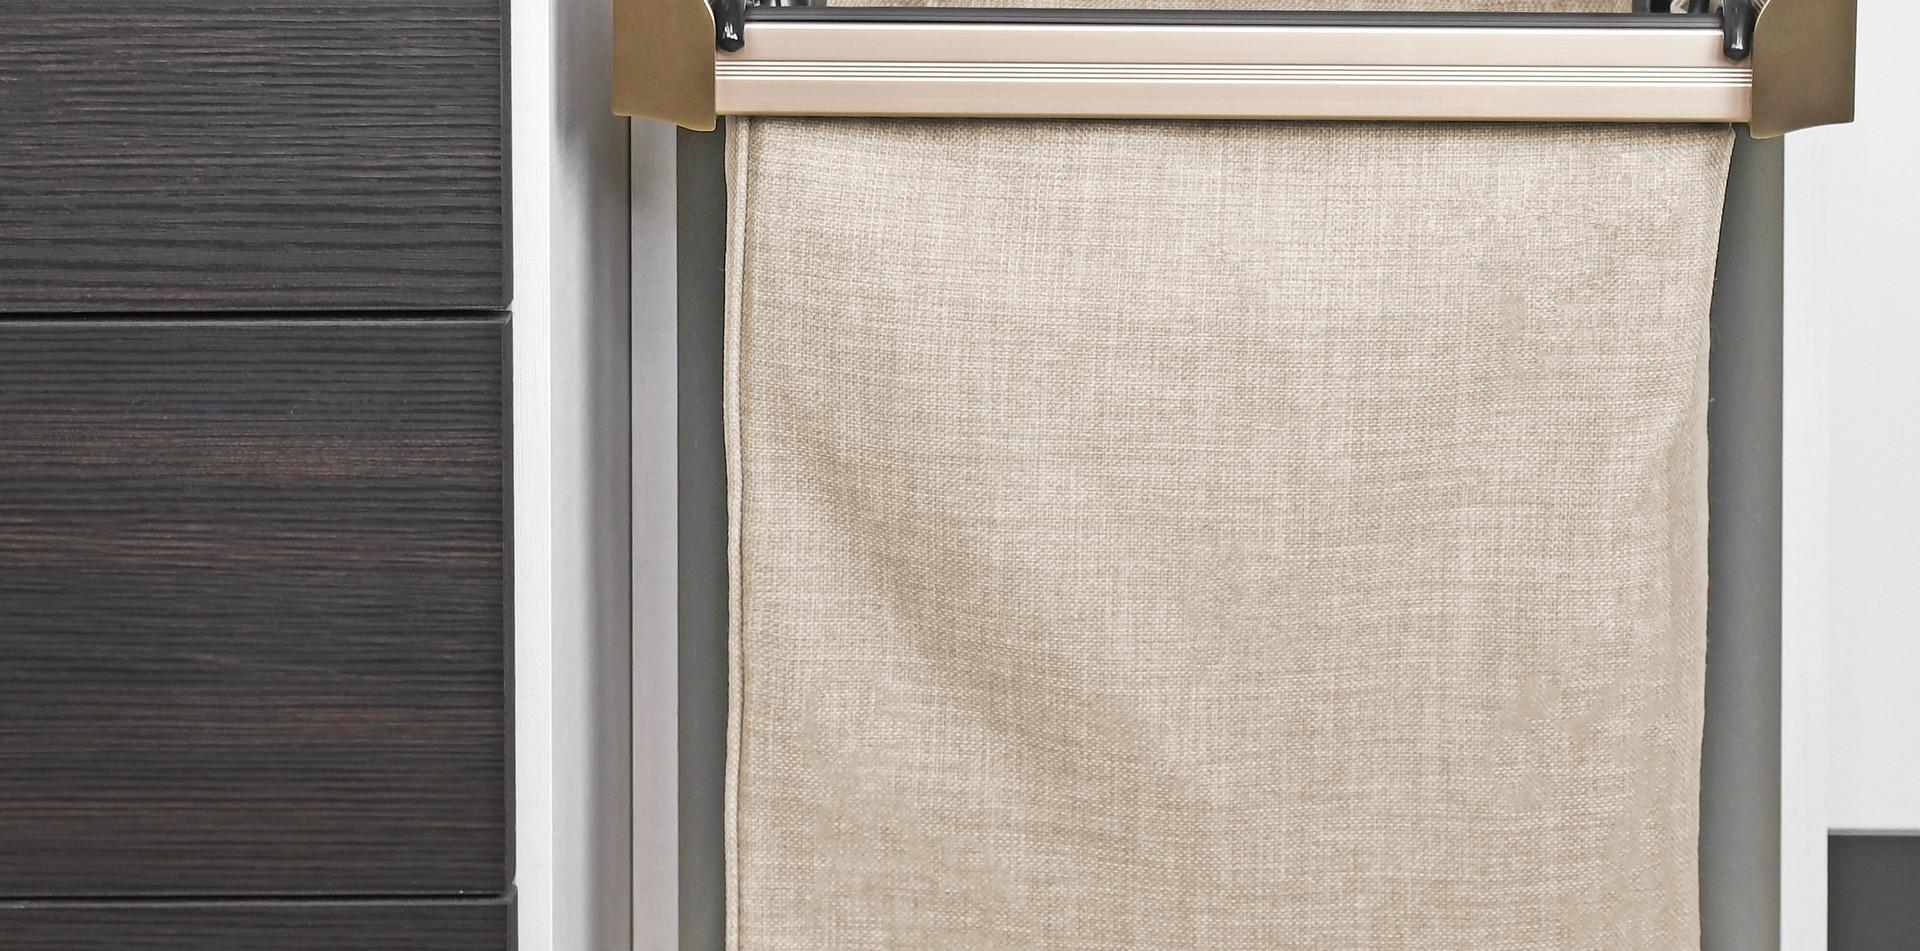 TAG Hardware LaundryOrganiz